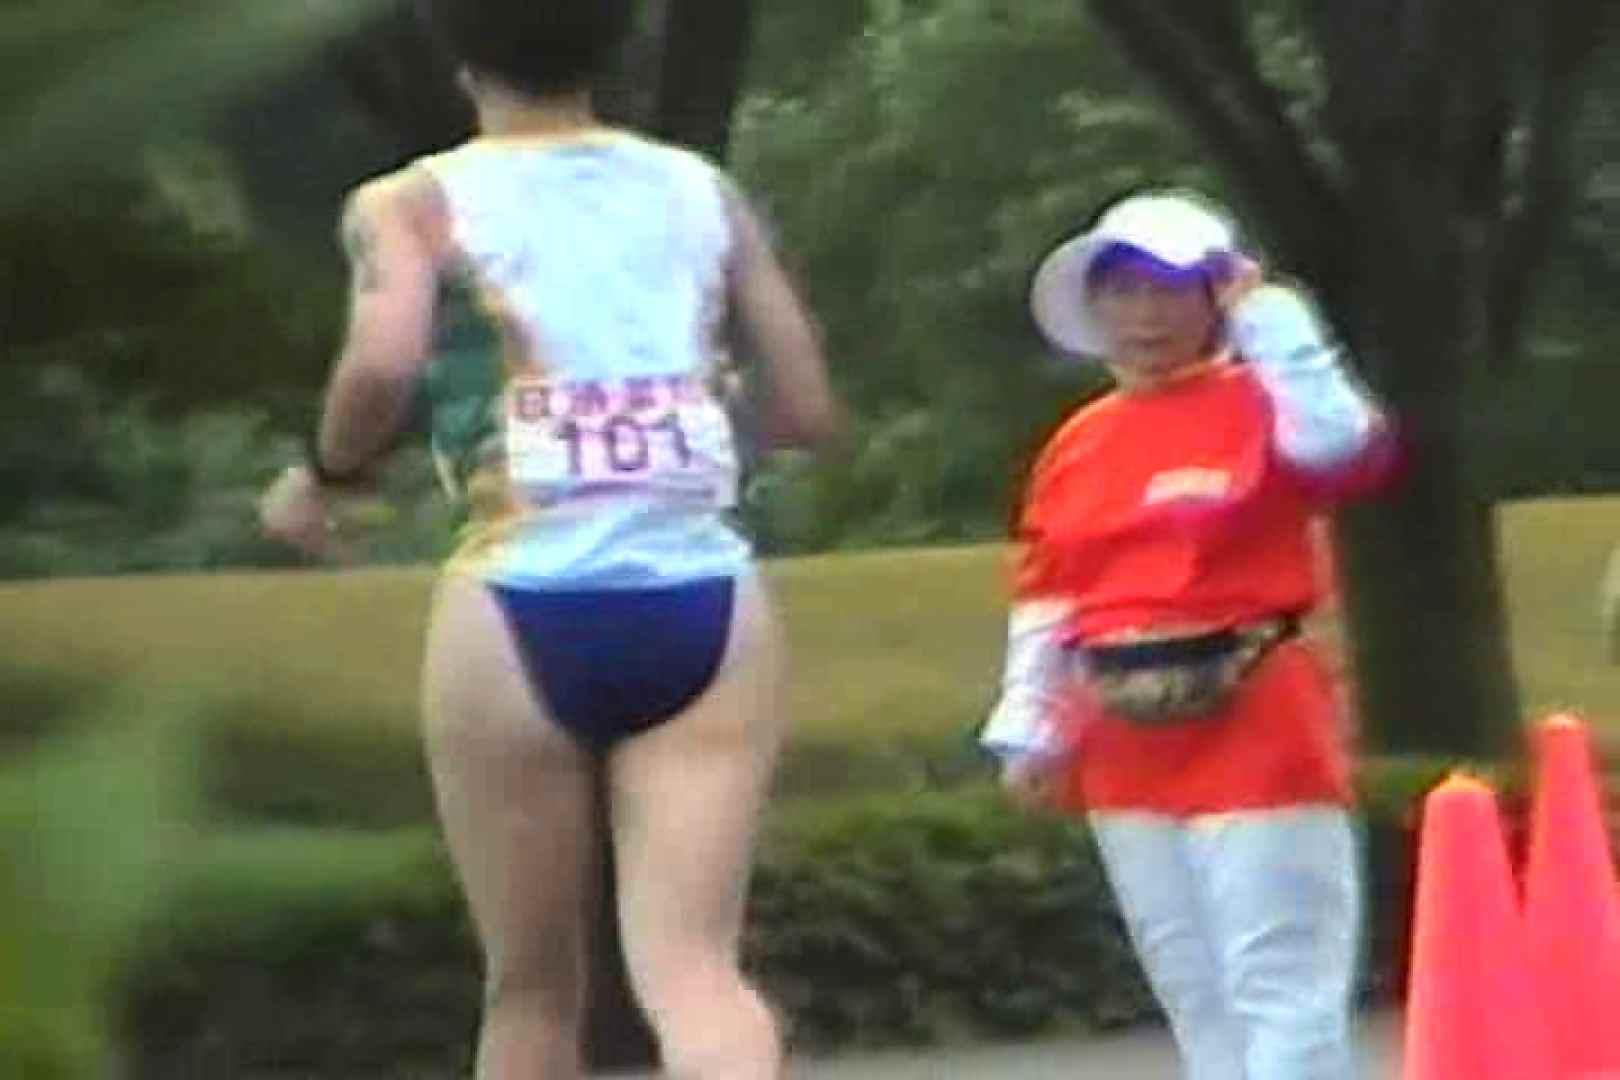 鉄人レース!!トライアスロンに挑む女性達!!Vol.4 OLエロ画像 覗きワレメ動画紹介 46PICs 38